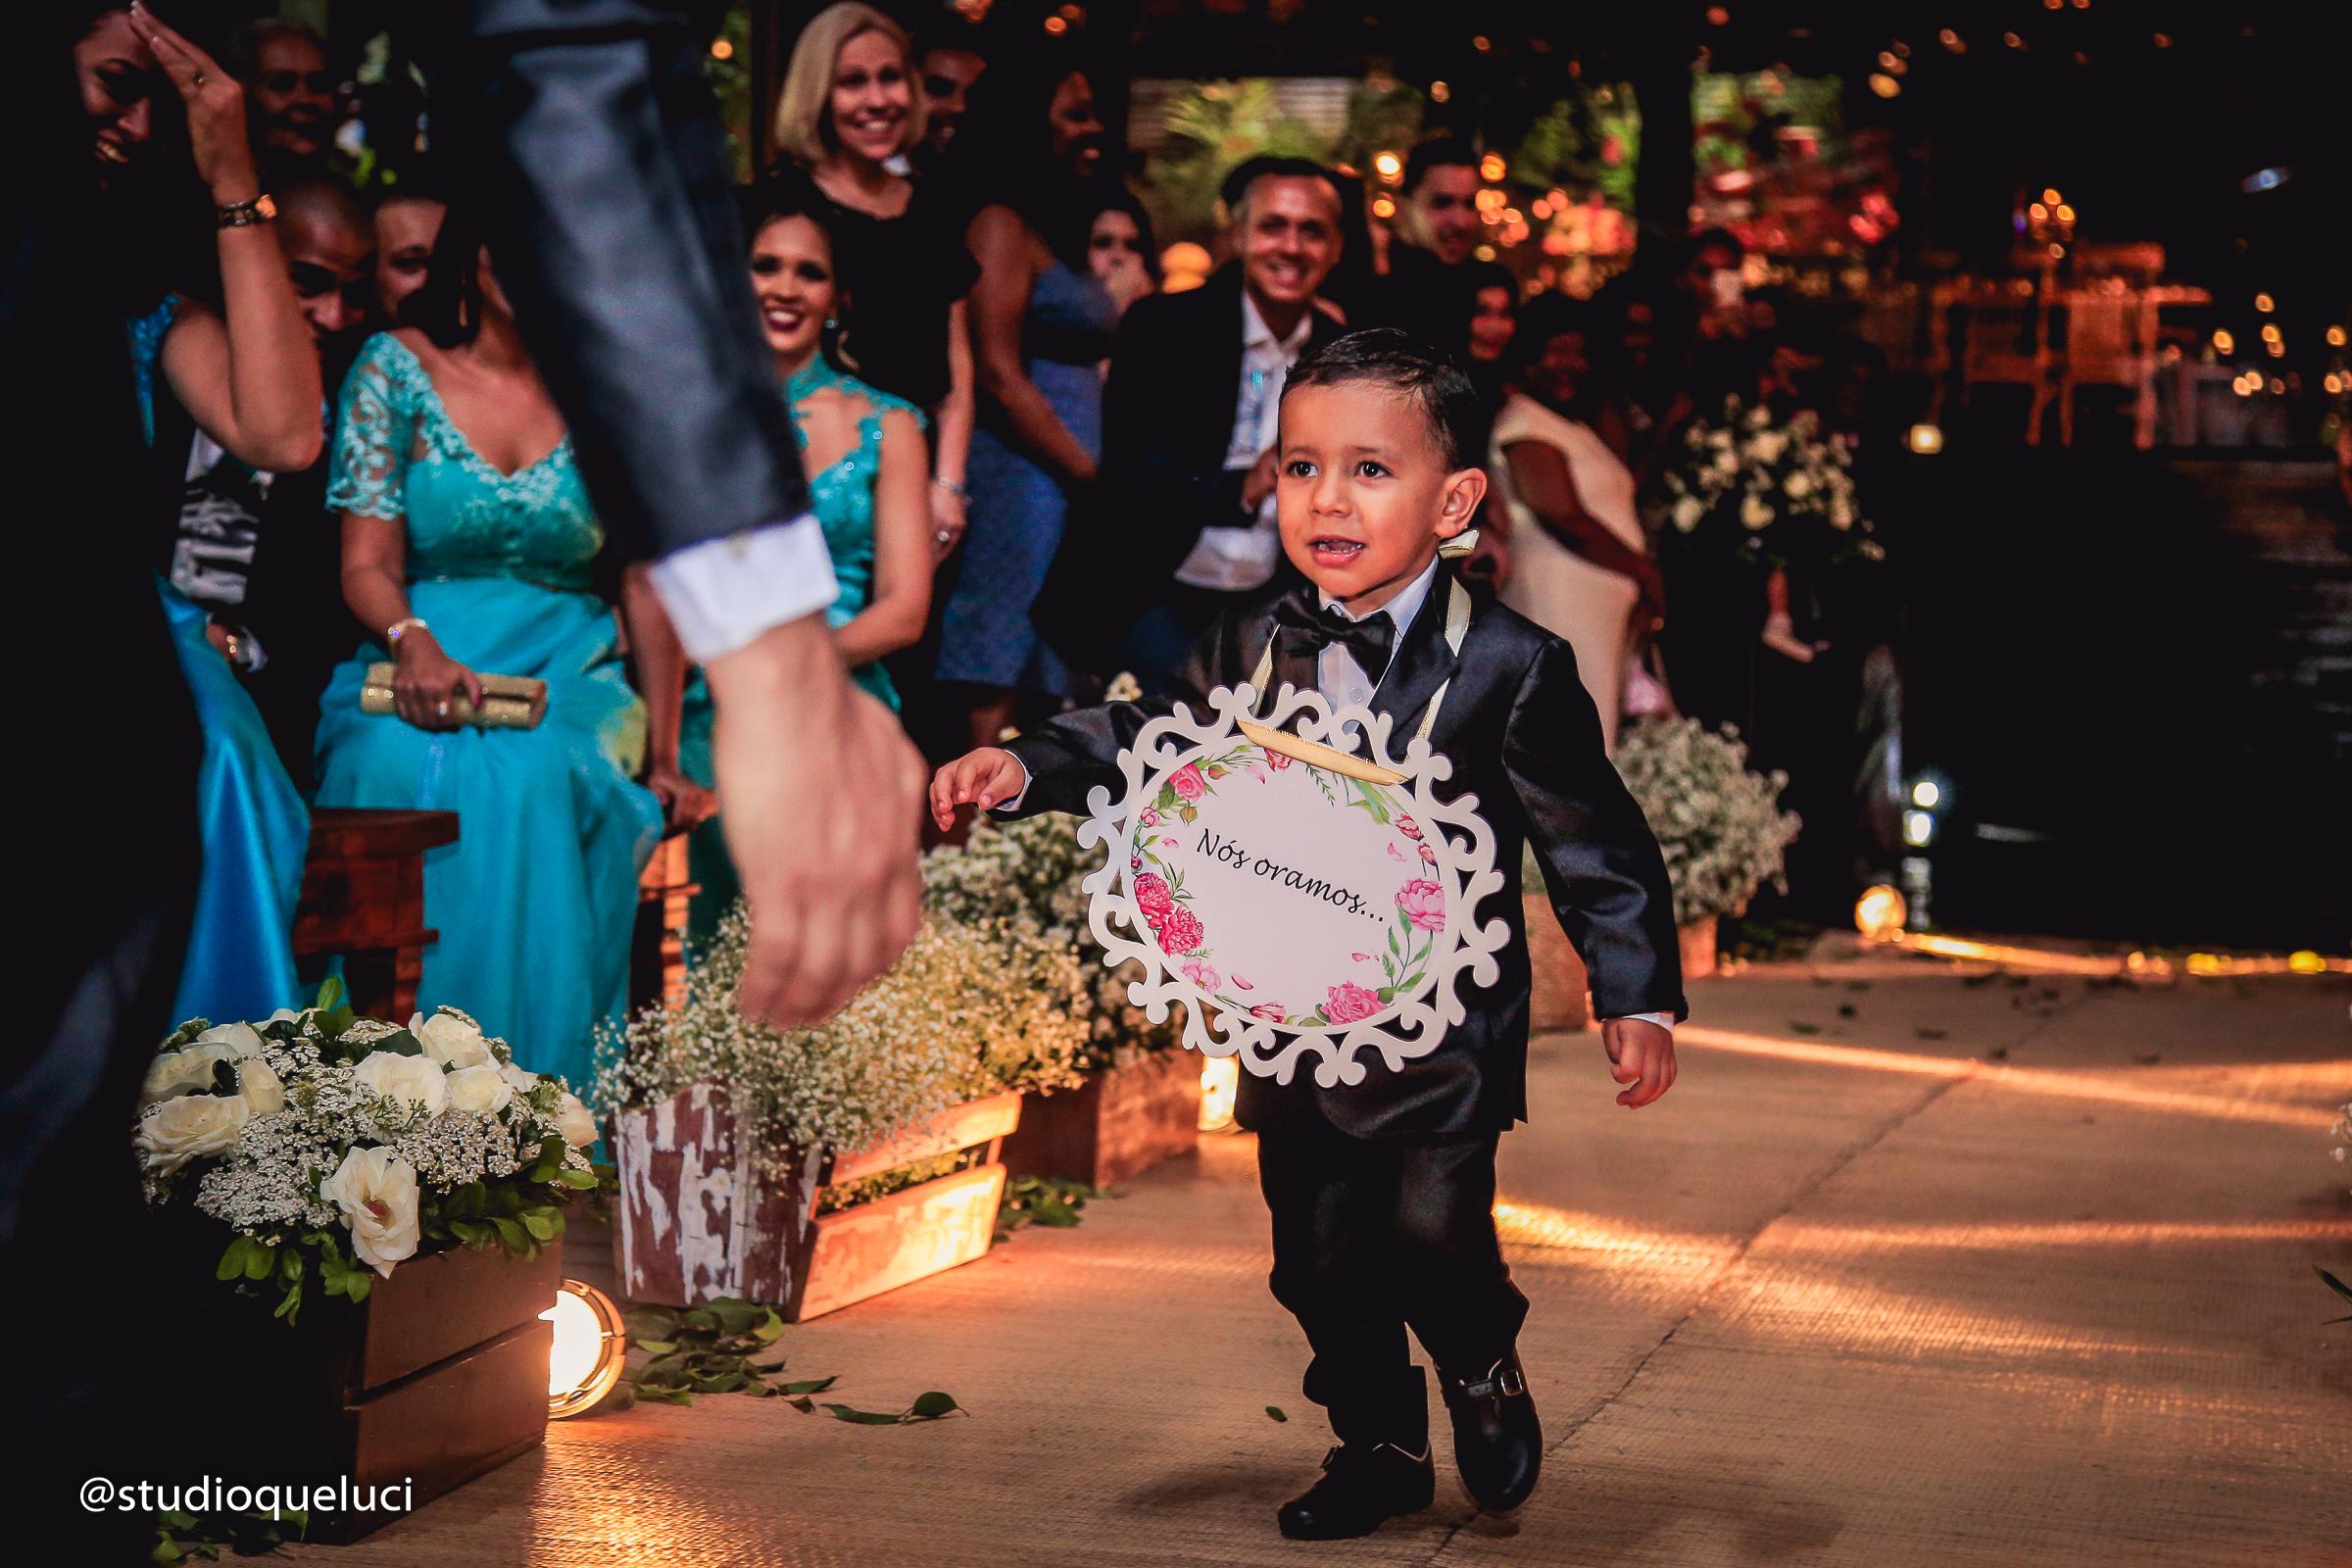 Casamento no Vale dos sonhos em Campo Grande RJ (23)